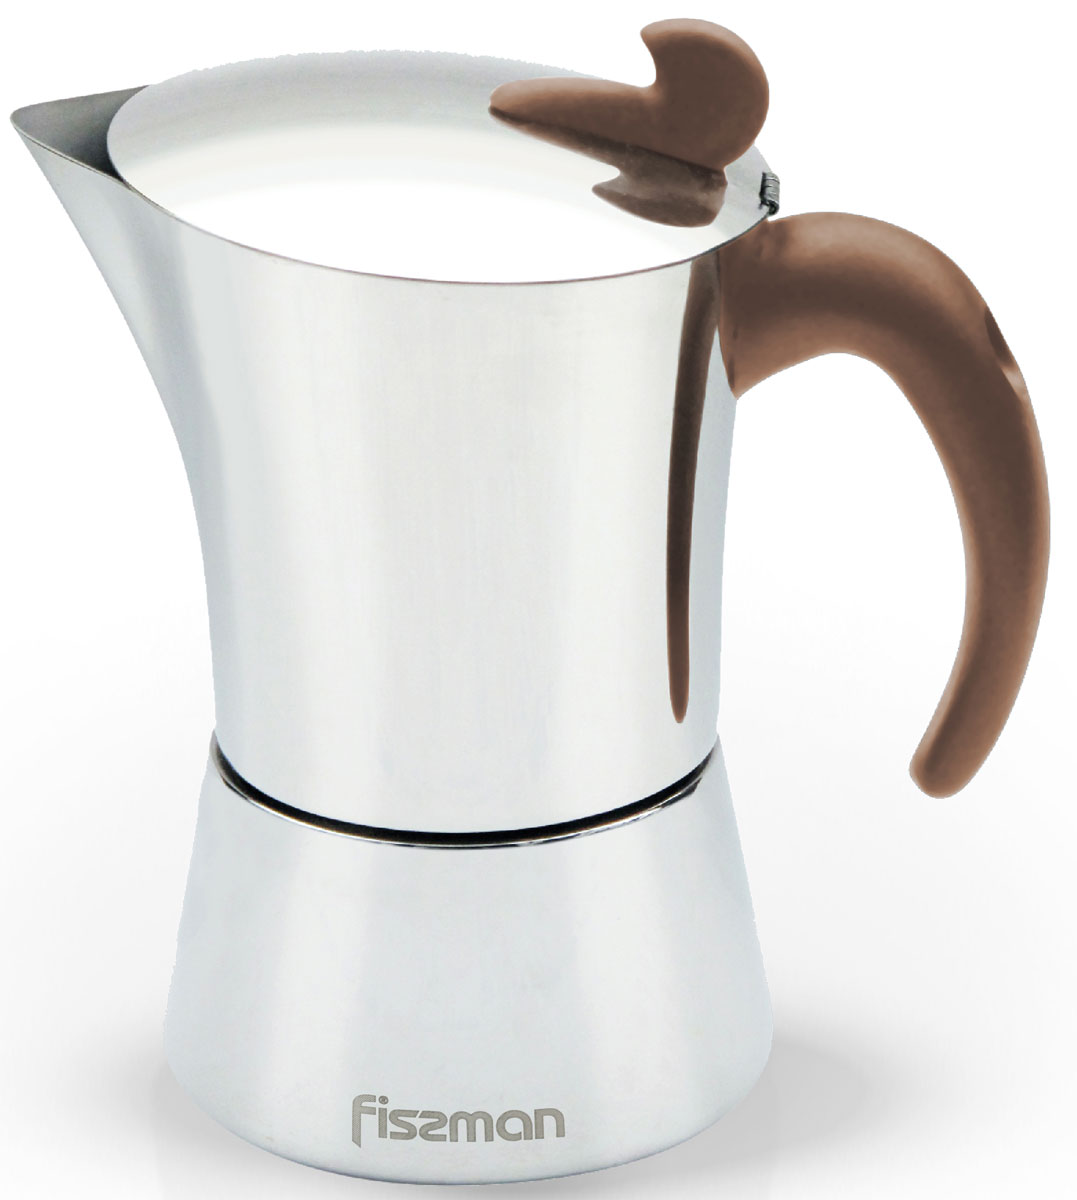 Кофеварка гейзерная Fissman, на 4 порции, 240 млEM-9414.6Перед первым использованием посуду следует помыть и протереть сухой тряпкой.Как выбрать кофеварку. Статья OZON Гид